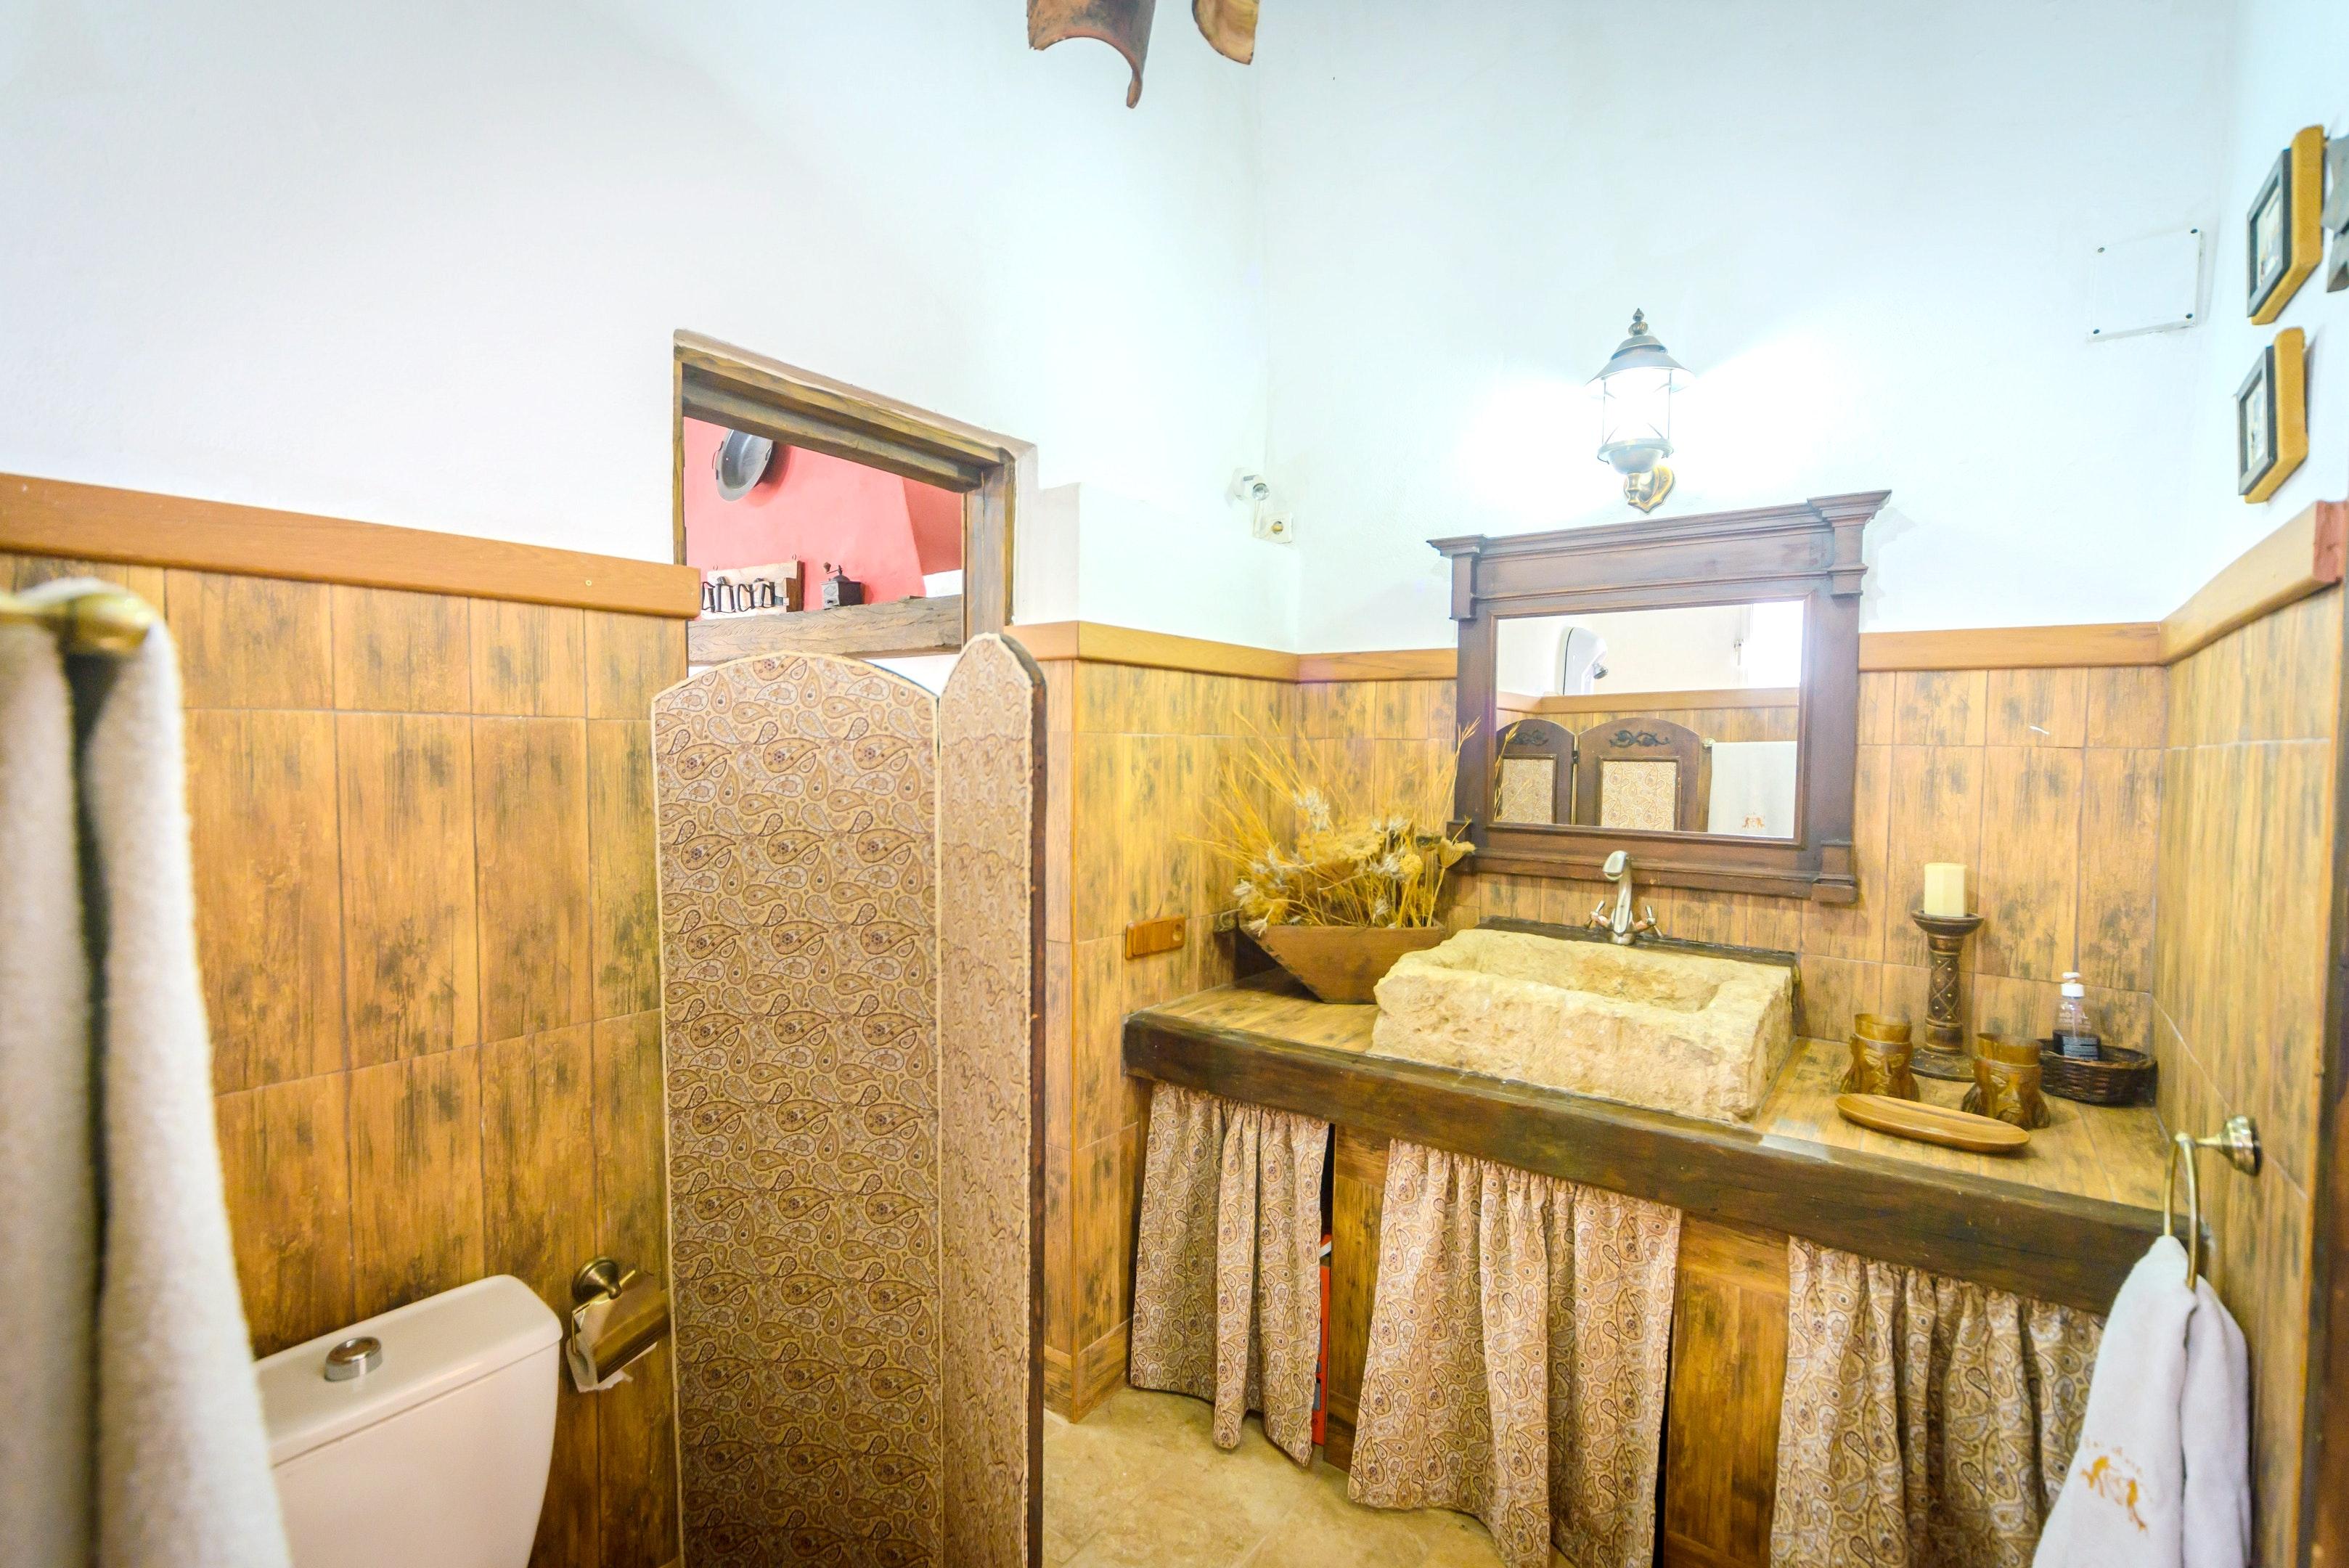 Ferienhaus Villa mit 3 Schlafzimmern in Peñaflor mit privatem Pool, eingezäuntem Garten und W-LAN (2208249), Peñaflor, Sevilla, Andalusien, Spanien, Bild 24